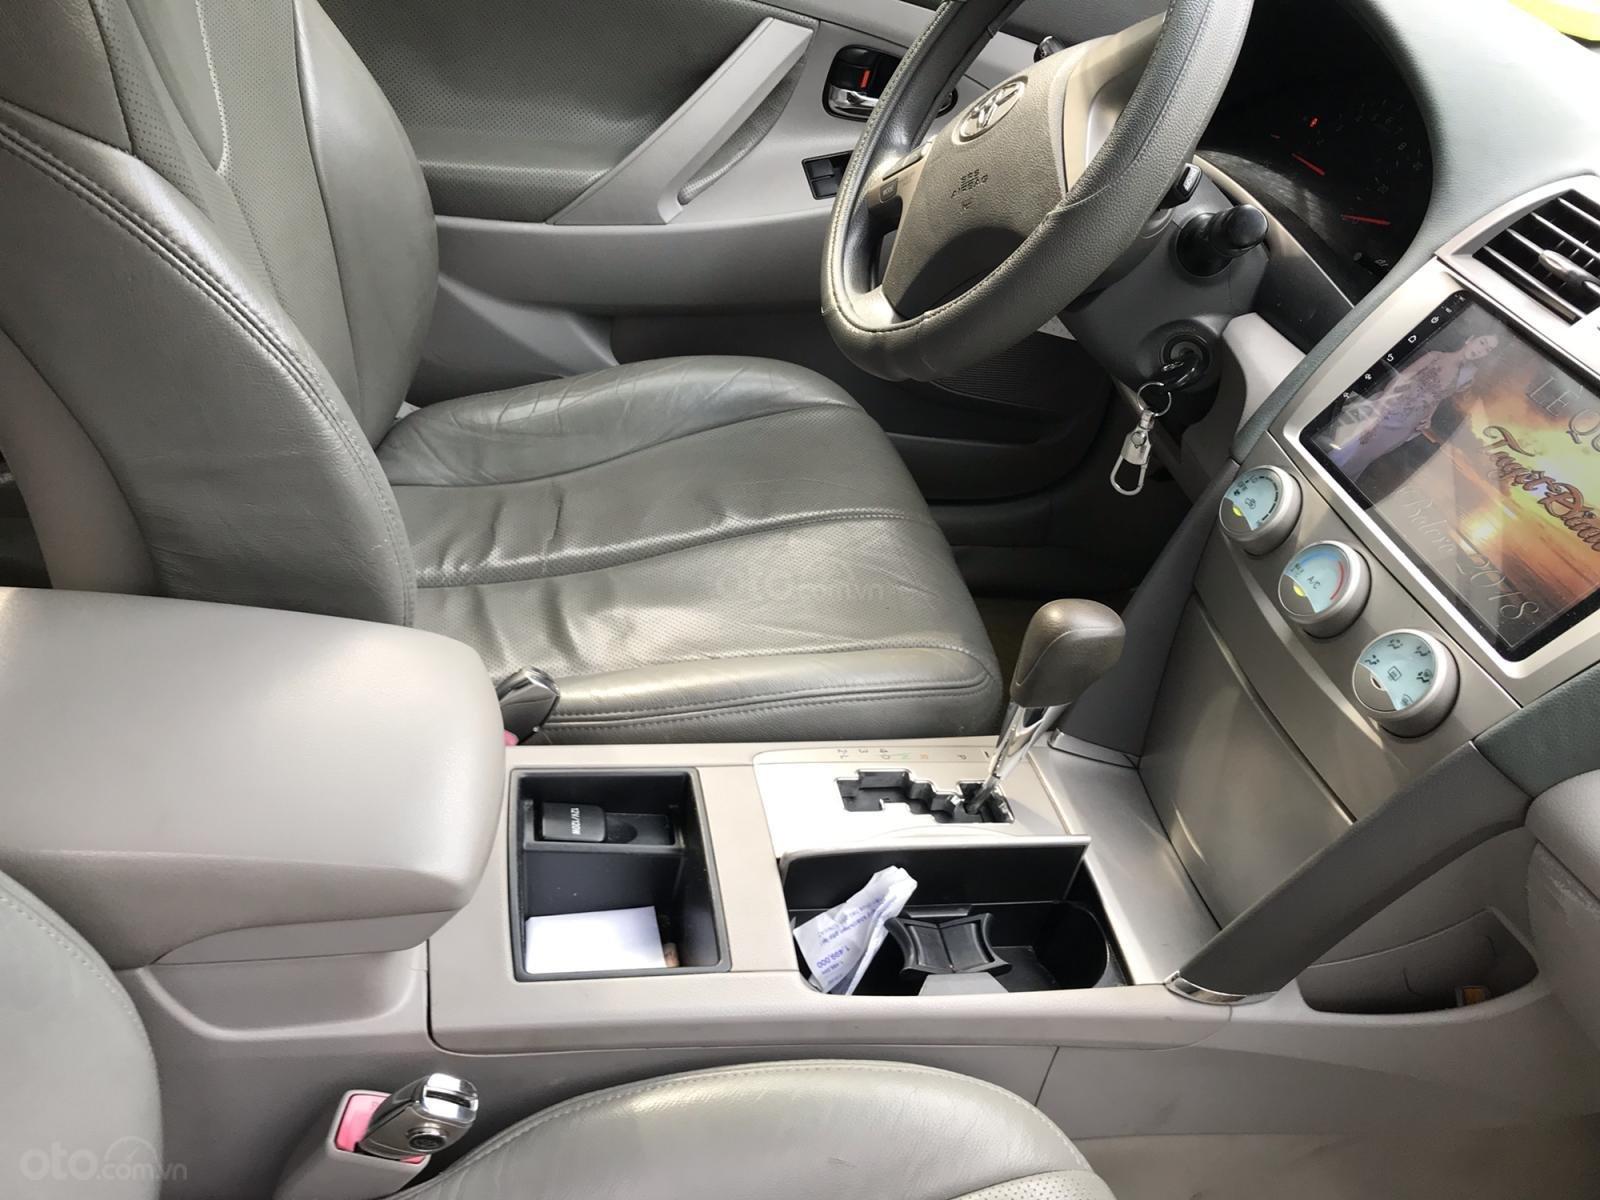 Bán Toyota Camry sản xuất năm 2007, màu xám, nhập khẩu-1